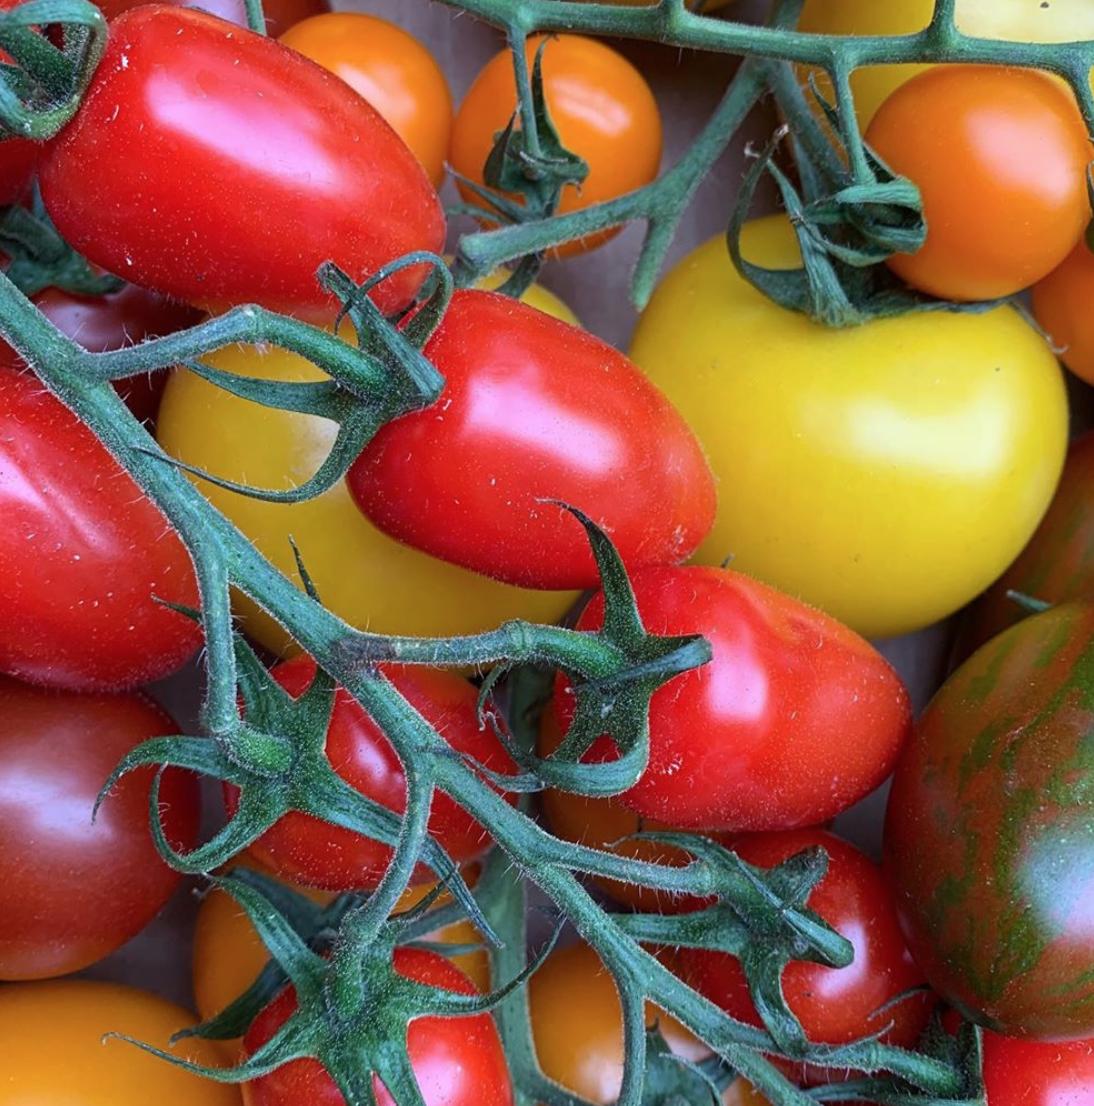 SmithandBrock_IsleofWhite_Tomatoes